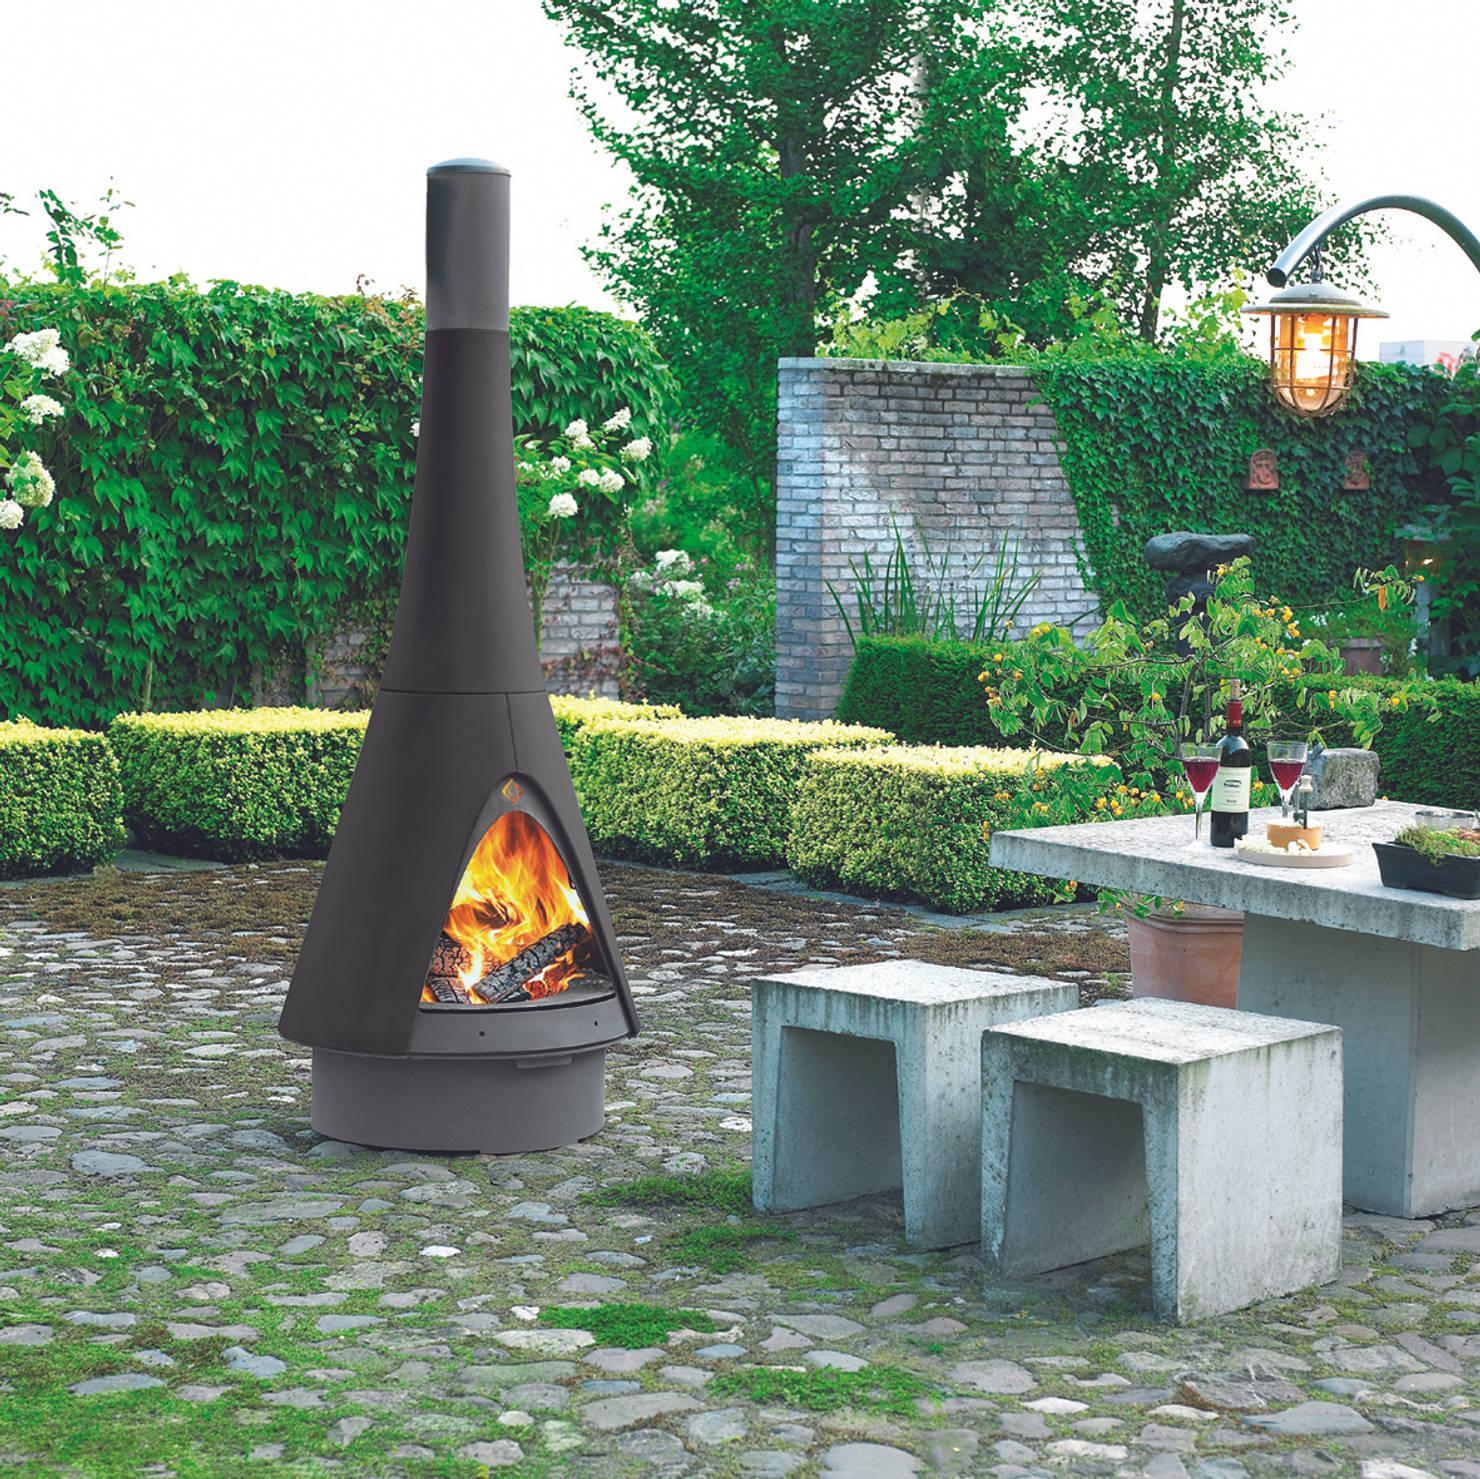 Feuerstelle im Garten: 11 fabelhafte Ideen für perfekte Sommerabende!